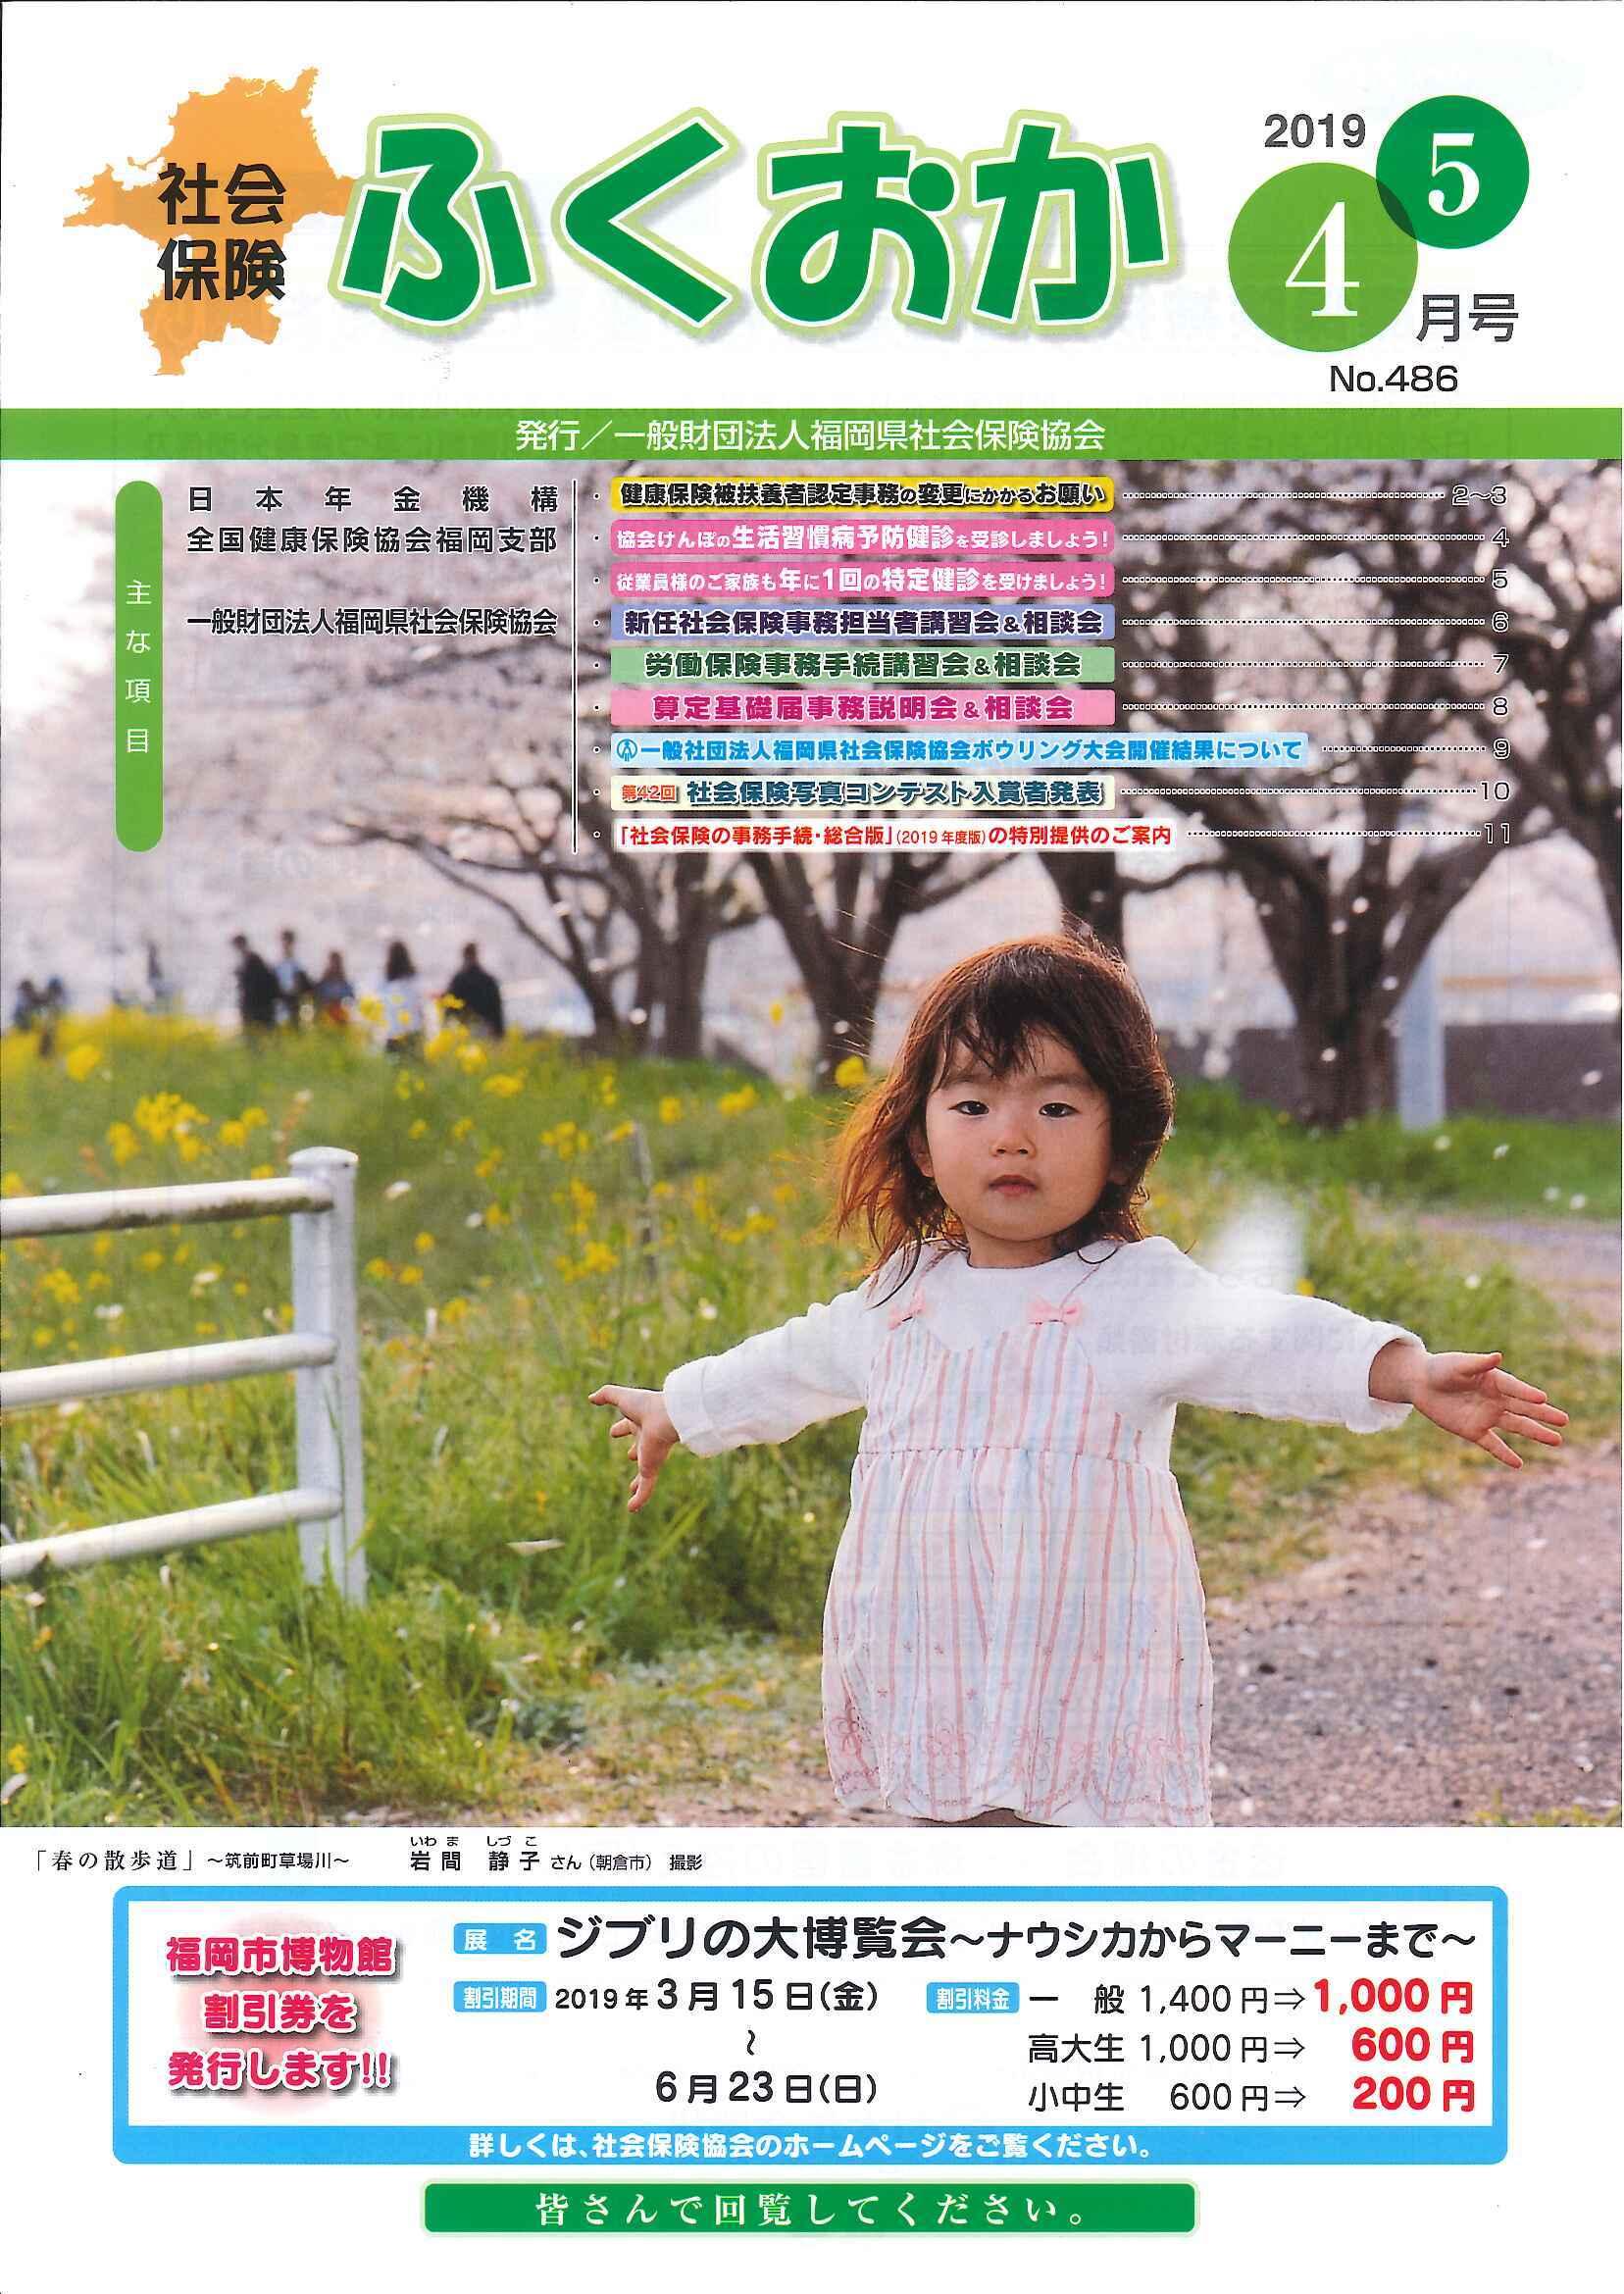 社会保険 ふくおか 2019年4・5月号_f0120774_15071796.jpg